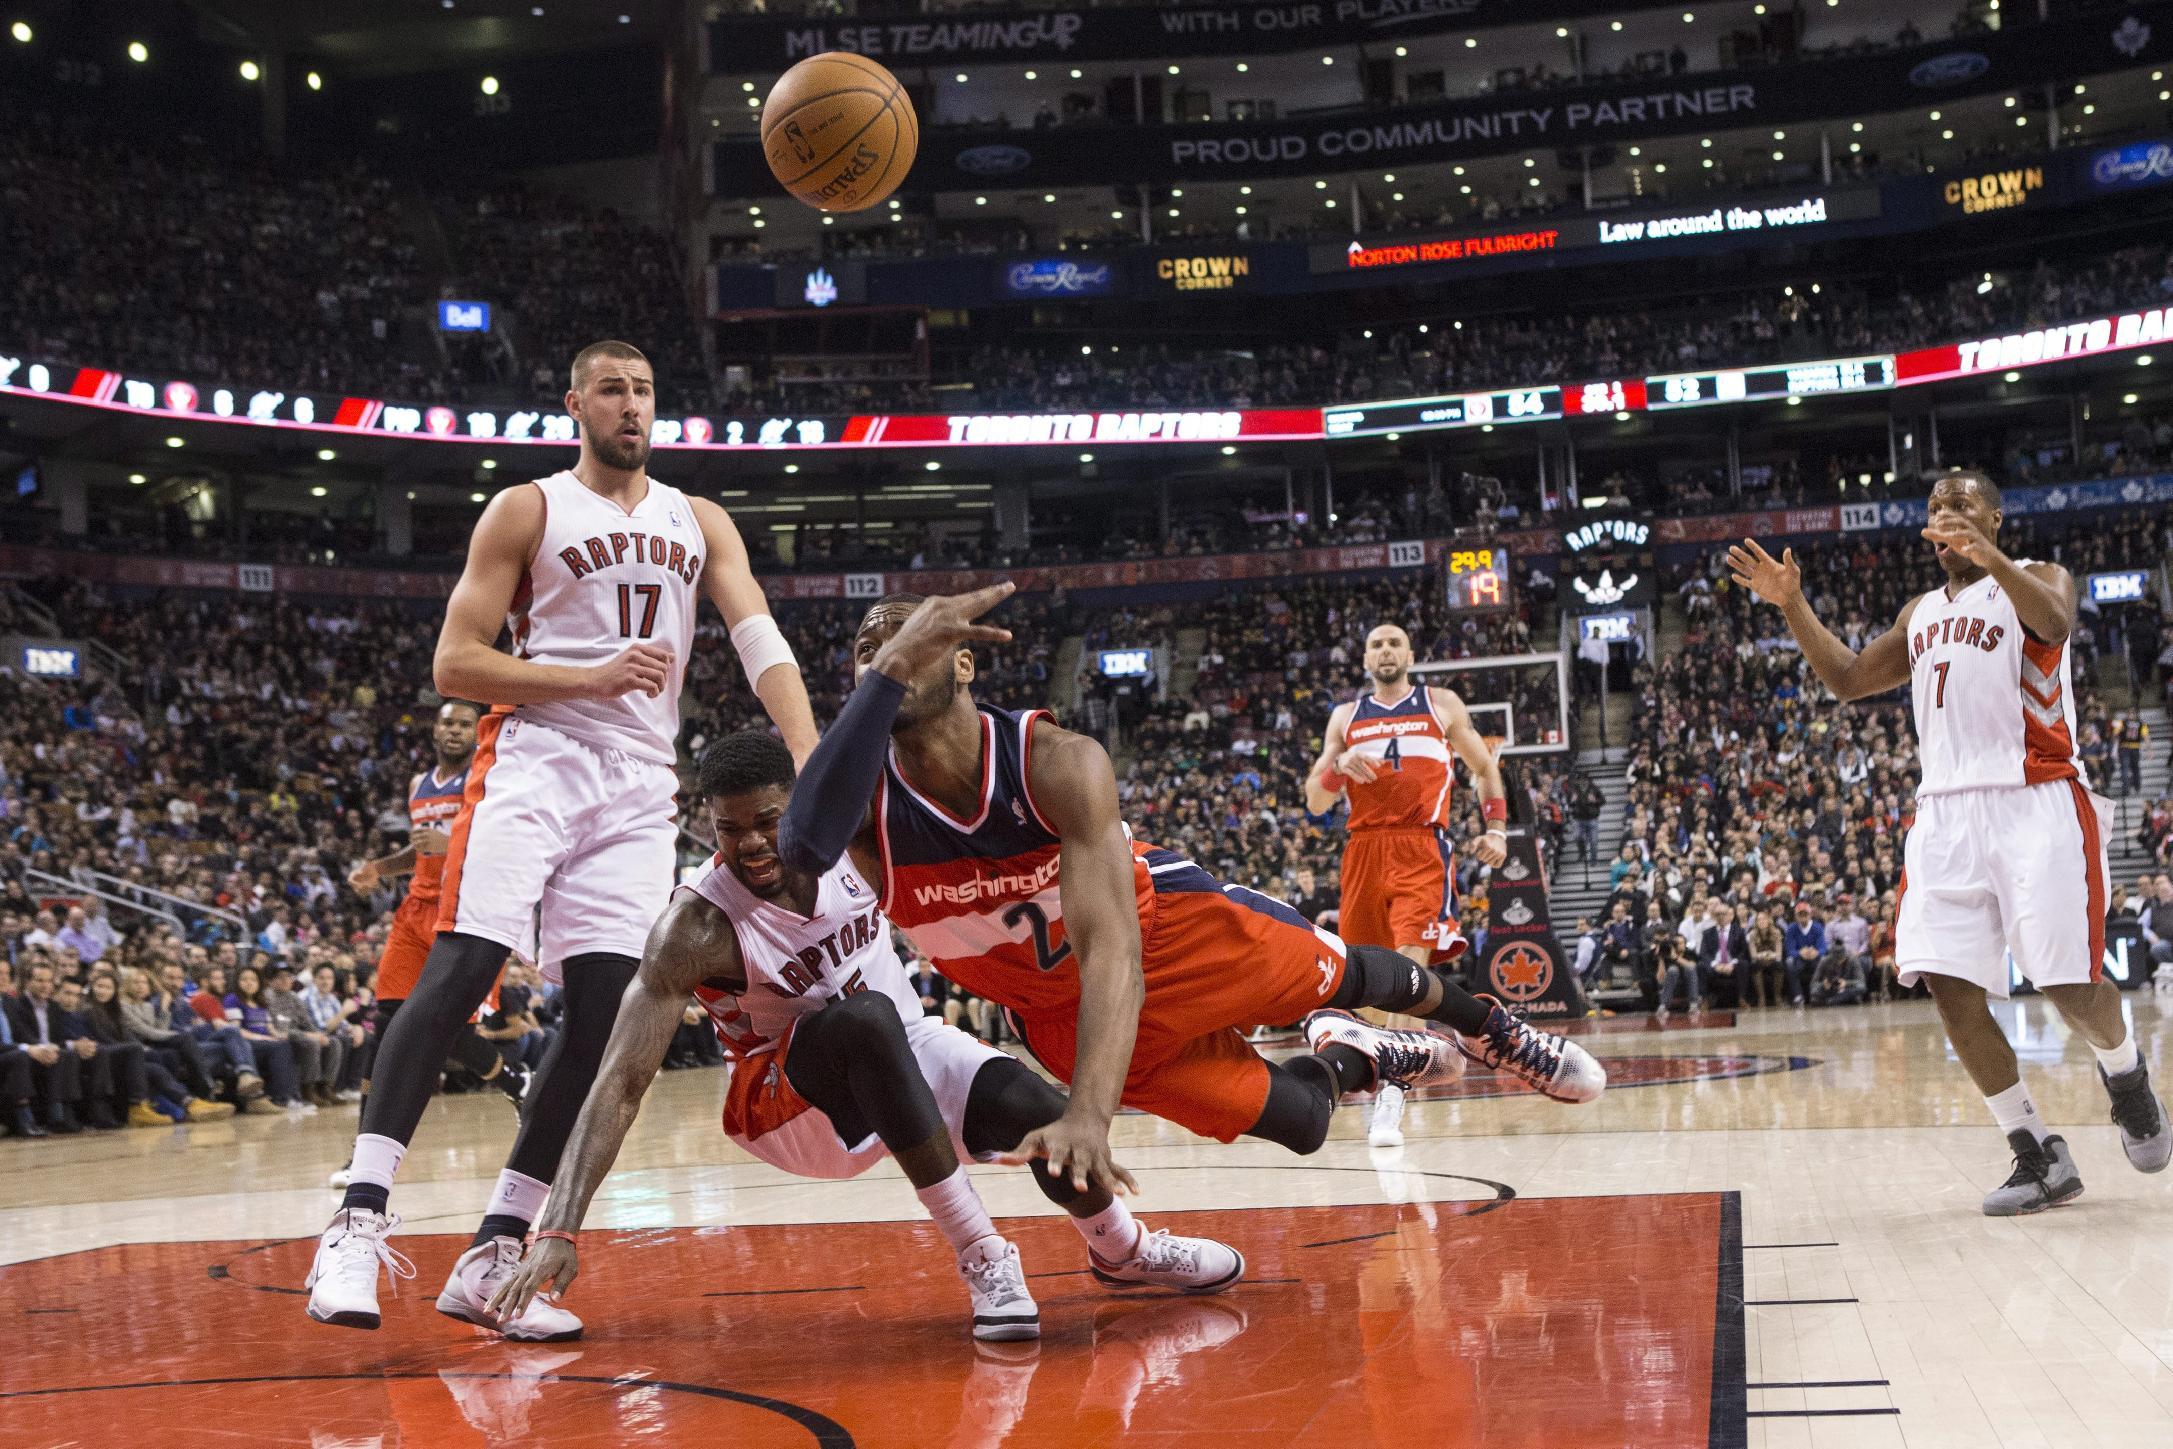 Wizards beat Raptors 134-129 in triple OT